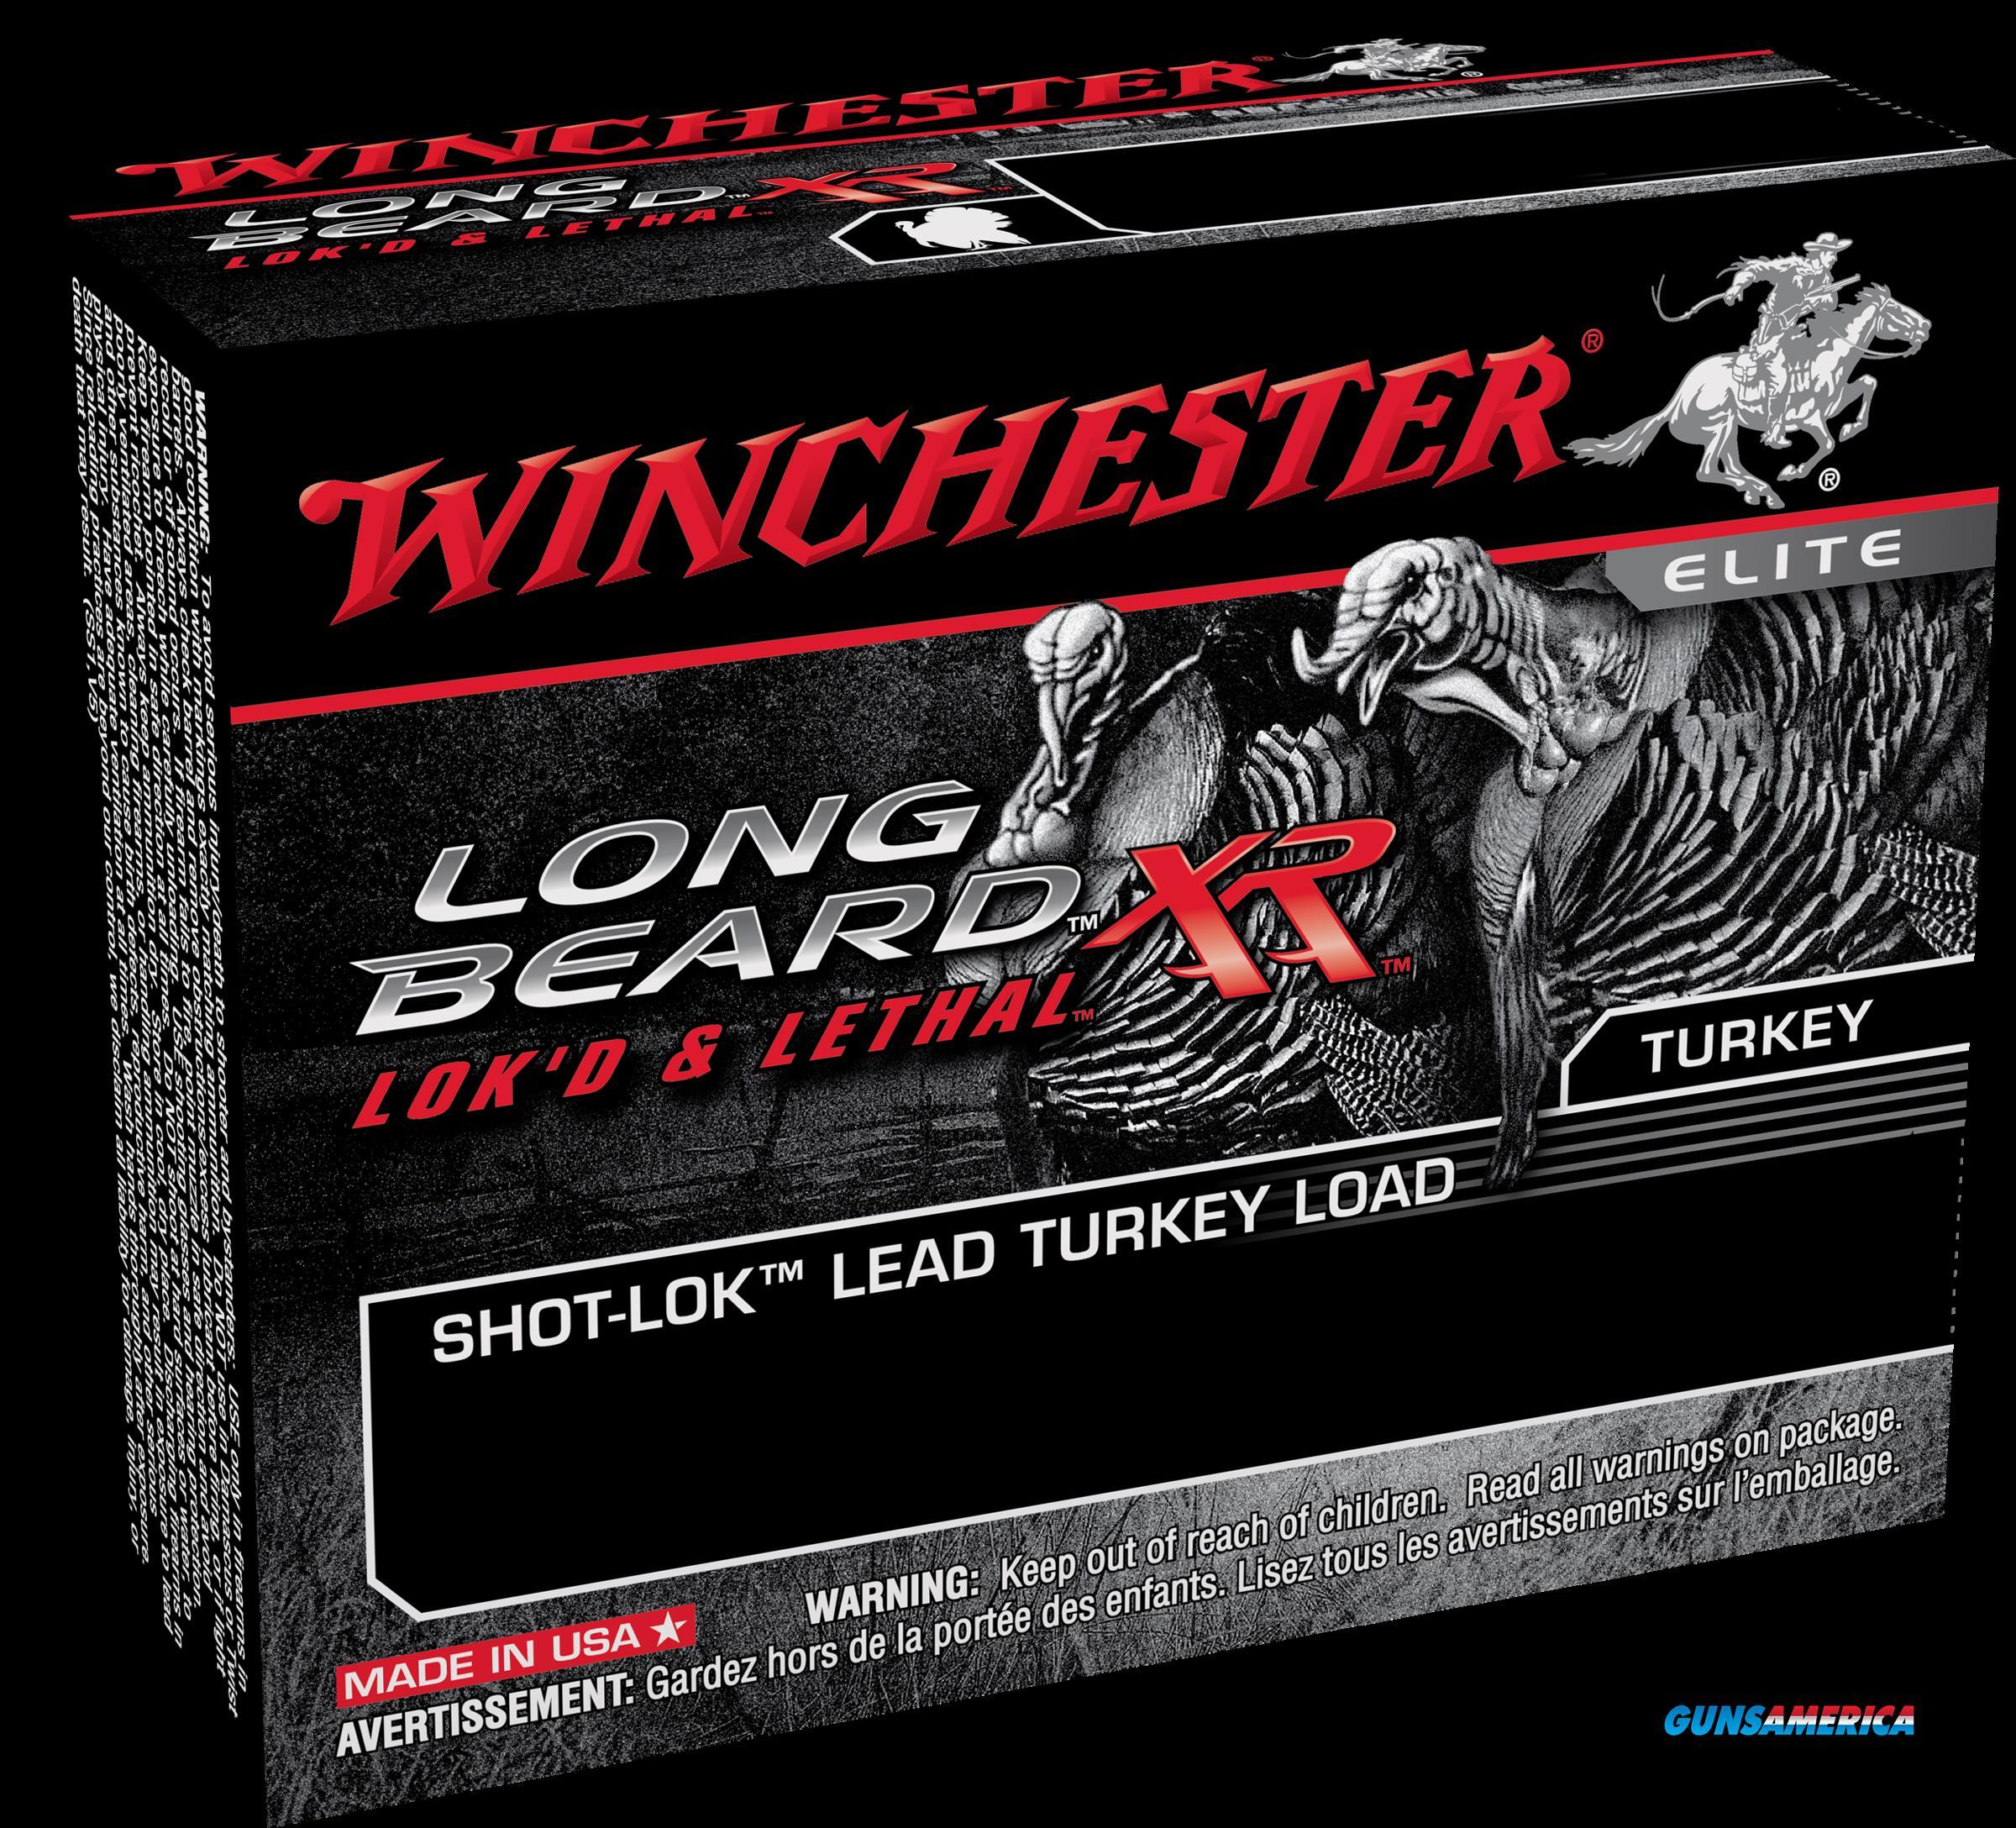 Winchester Ammo Long Beard Xr, Win Stlb2036  Longbeard 3in 11-4  10-10  Guns > Pistols > 1911 Pistol Copies (non-Colt)